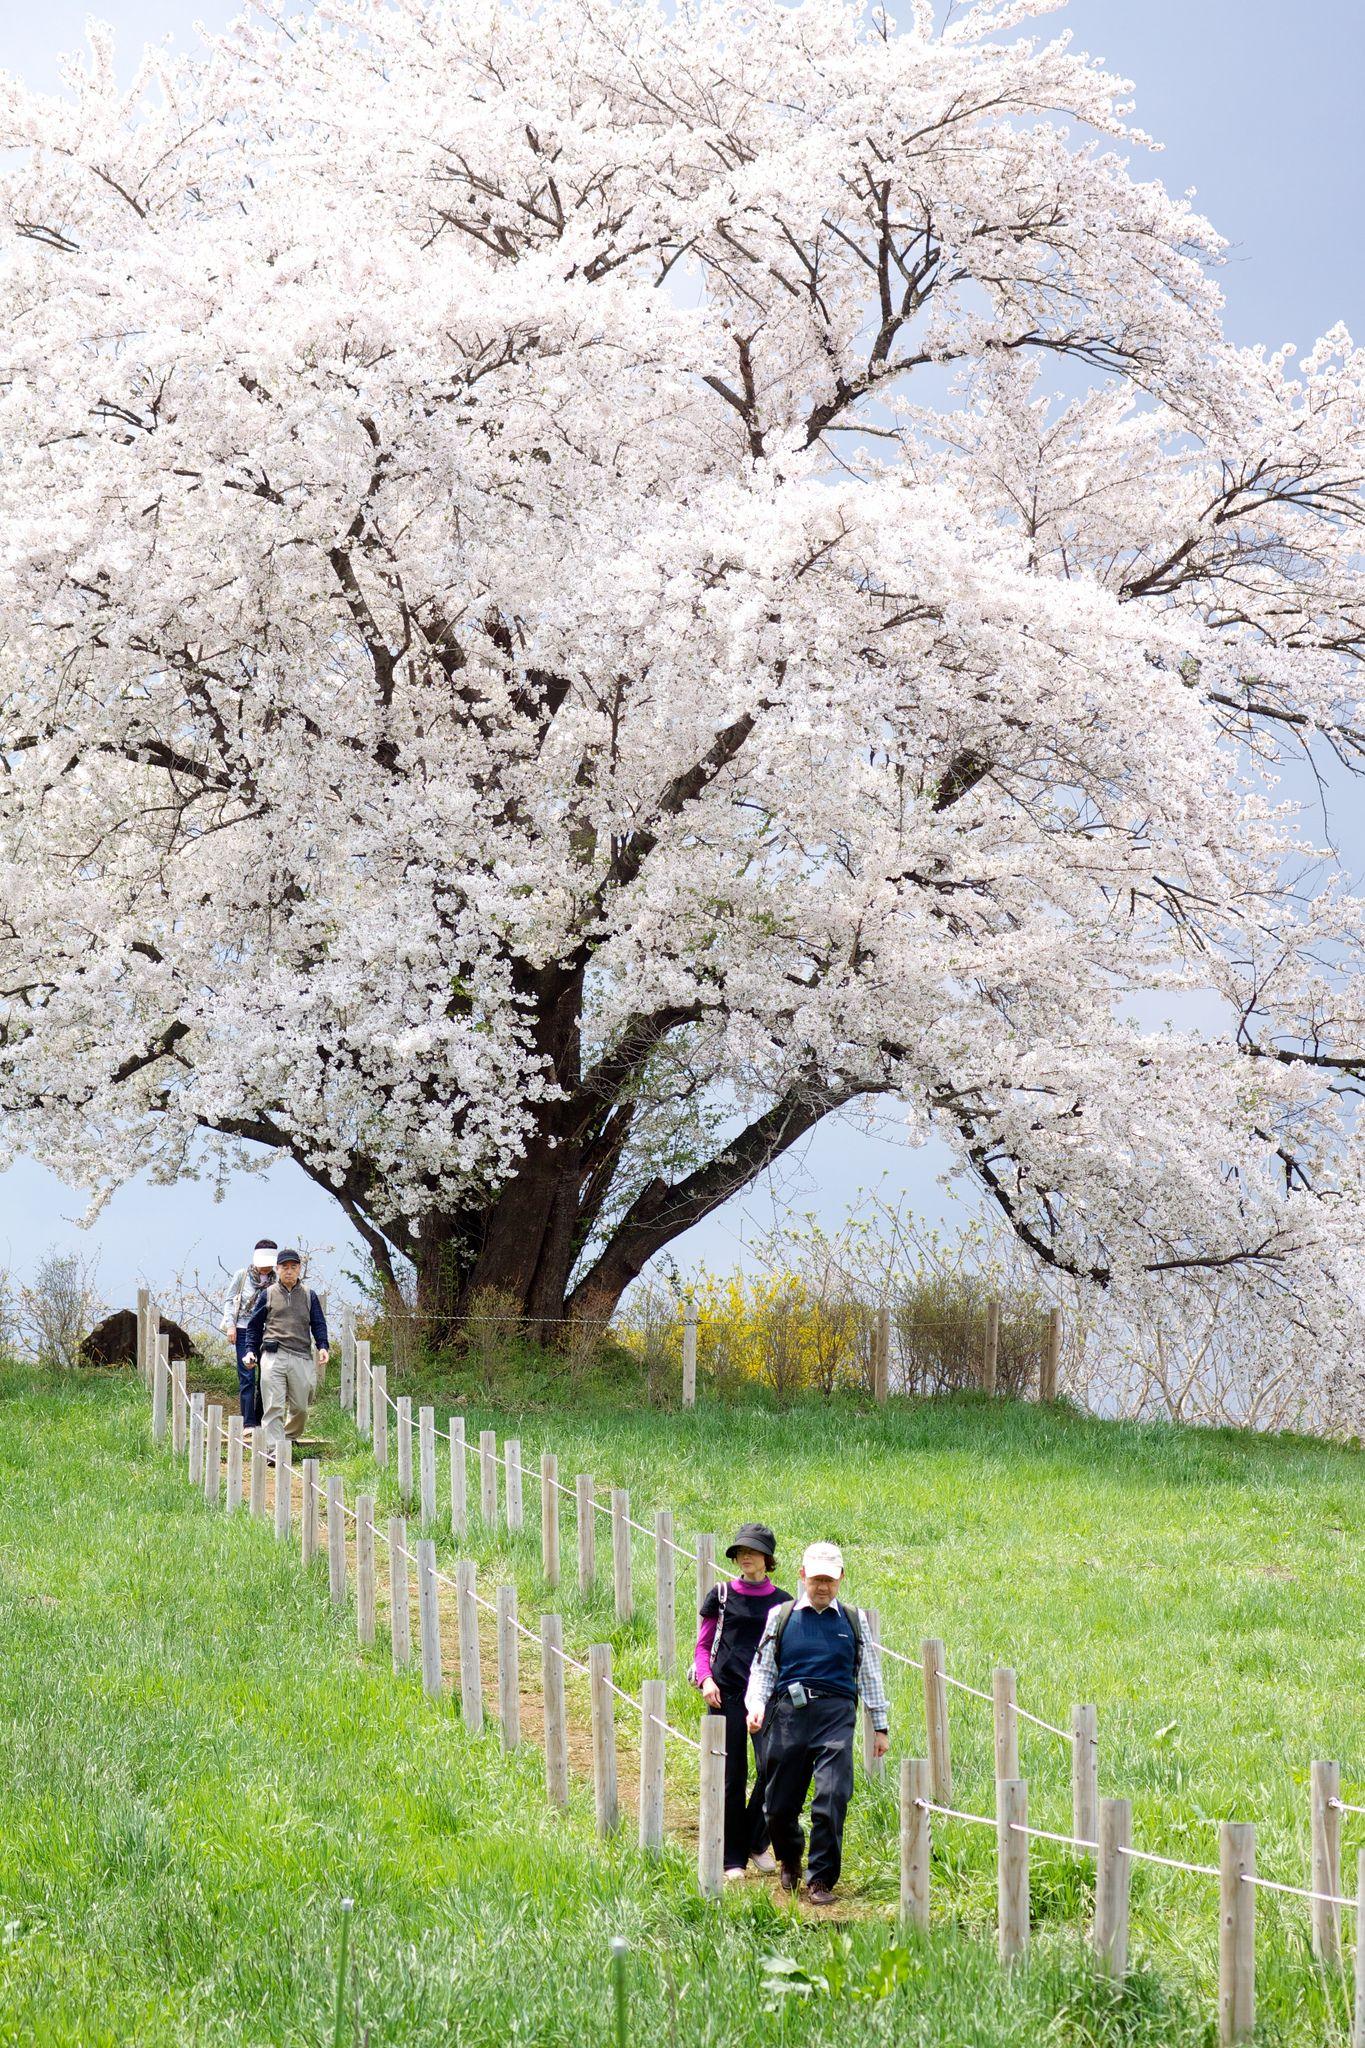 Cheery Blossoms Tree Nagano Japan Cherry Tree Nature Tree Unique Trees